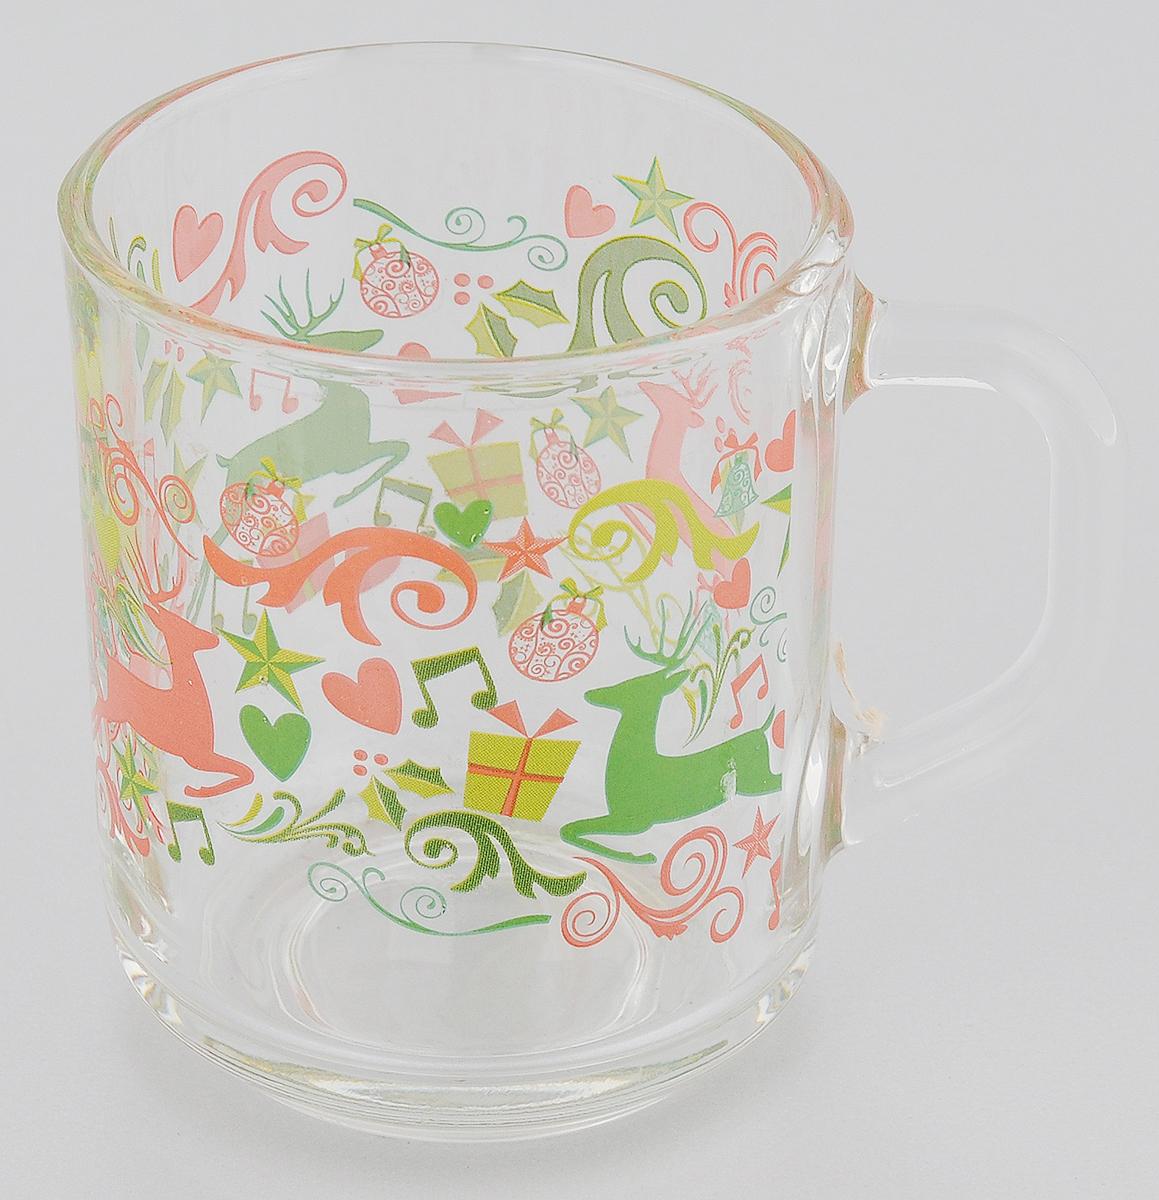 Кружка ОСЗ Green Tea. Олени и подарки, 200 мл115510Кружка ОСЗ Green Tea. Олени и подарки выполнена из высококачественного прозрачного стекла, которое изысканно блестит и переливается на свету.Внешняя стенка изделия декорирована изображением оленей. Такая кружка станет неизменным атрибутом чаепития и порадует вас классическим лаконичным дизайном и практичностью.